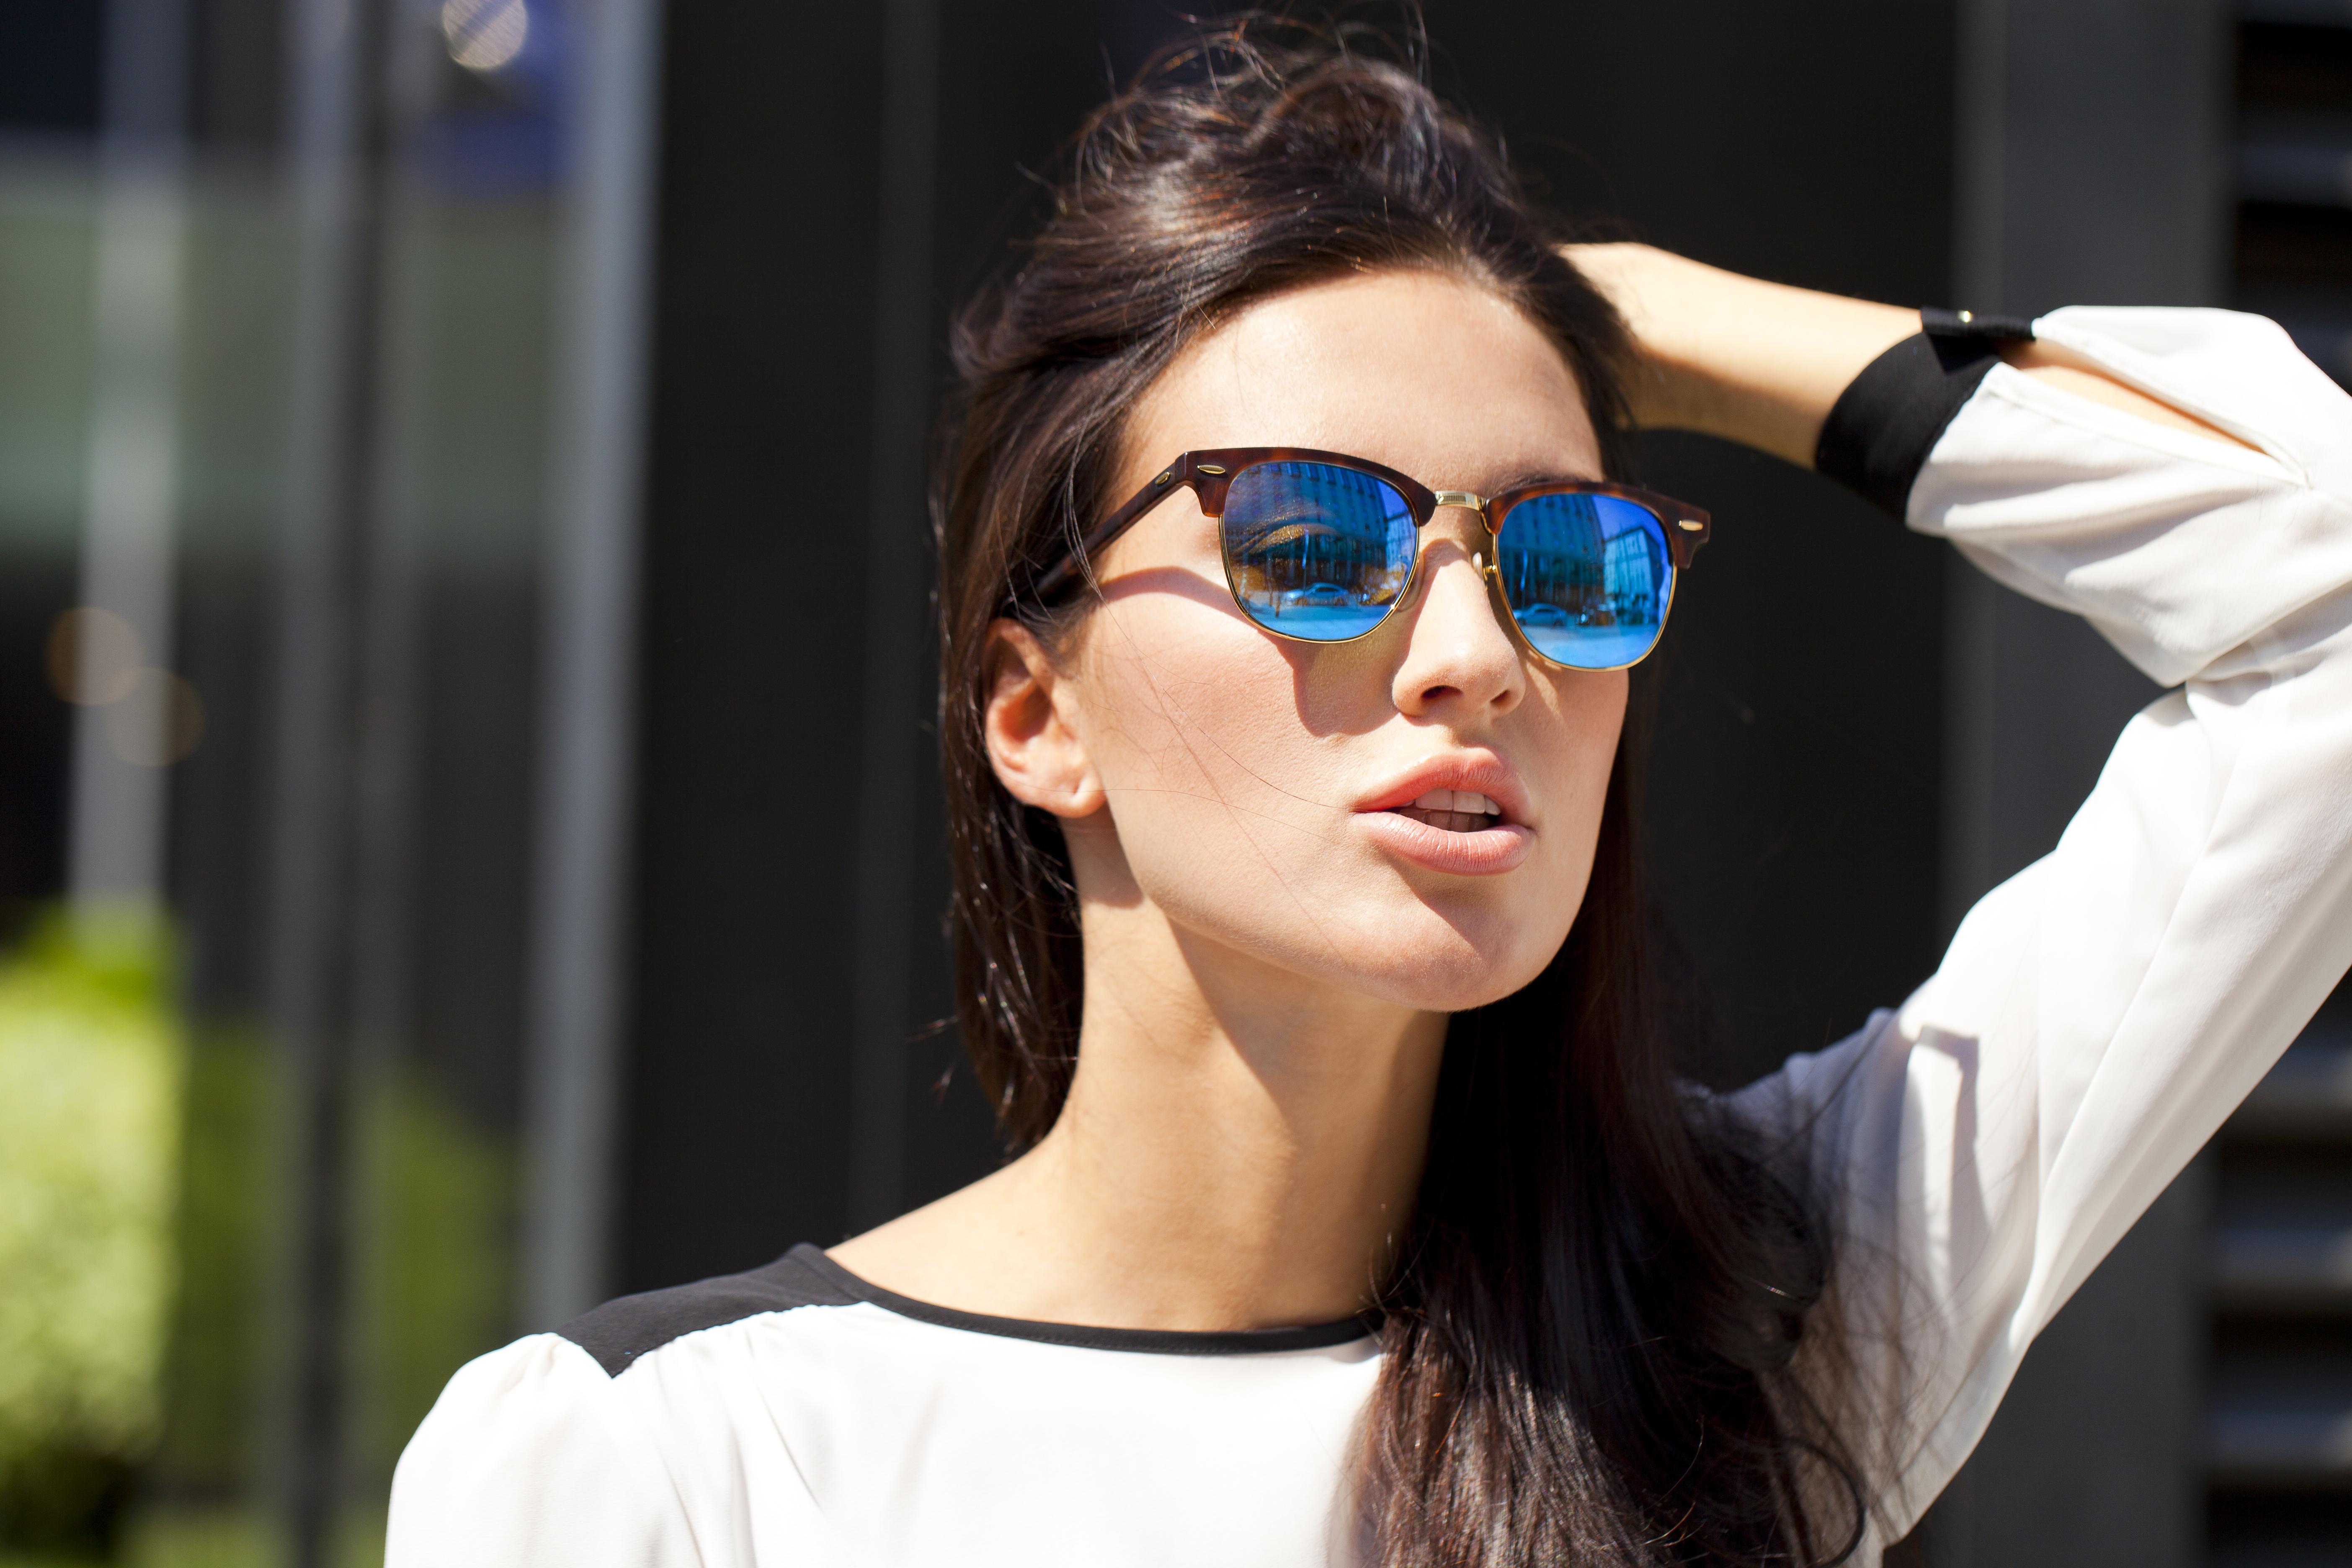 6 conseils pour bien choisir ses lunettes de soleil jeune jolie. Black Bedroom Furniture Sets. Home Design Ideas